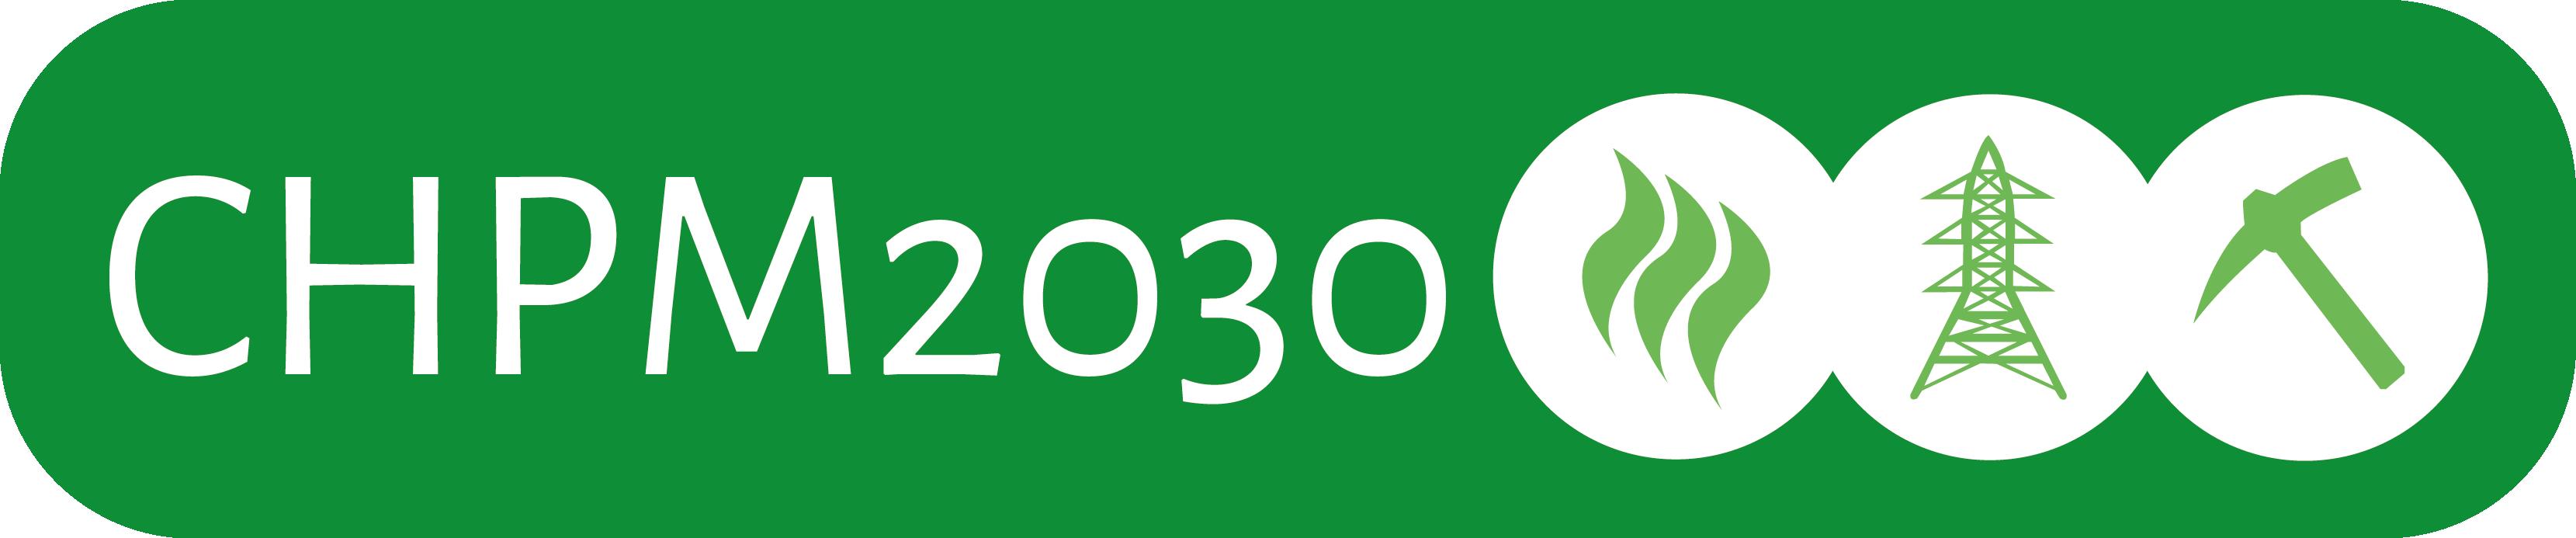 2b912948-f2a9-49a8-b60f-4a55b7e64f80.png